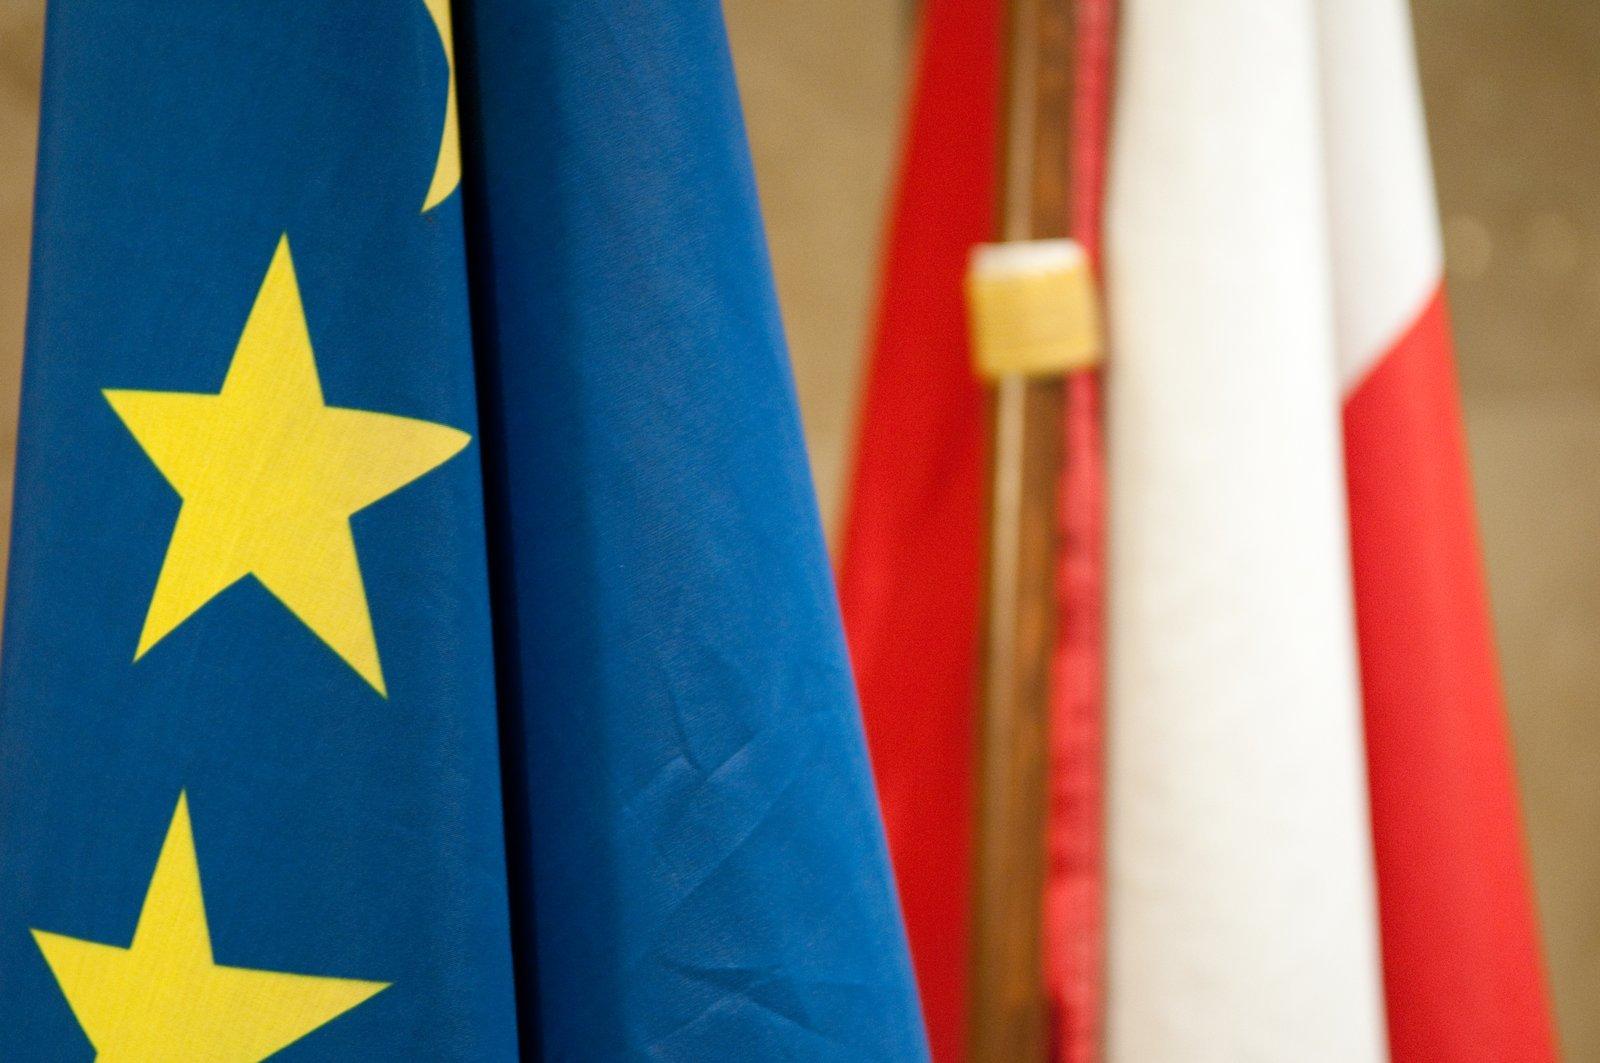 Flaga RP iUE Źródło: Michal Osmenda, Flaga RP iUE, licencja: CC BY-SA 2.0.